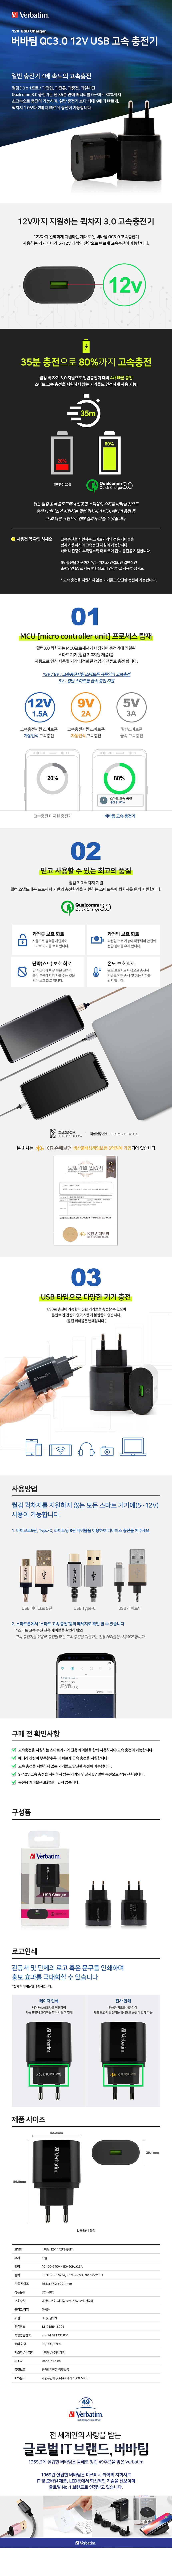 65838_QC30_12v_usb_charger.jpg